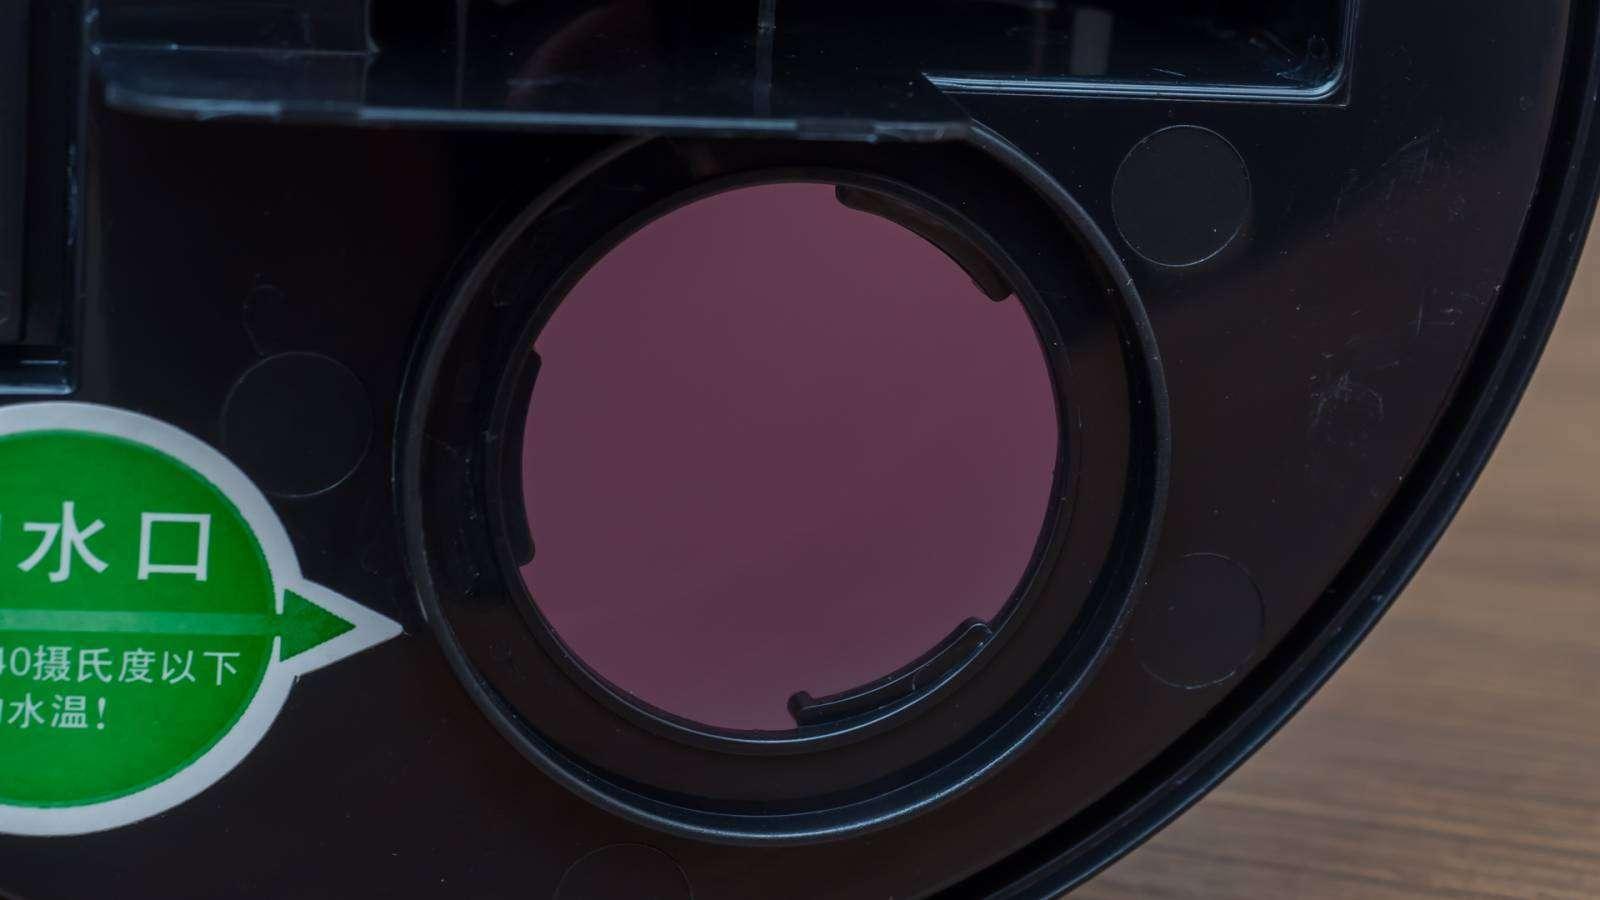 Aliexpress: Увлажнитель воздуха Warmtoo на 5 литров с механическим управлением